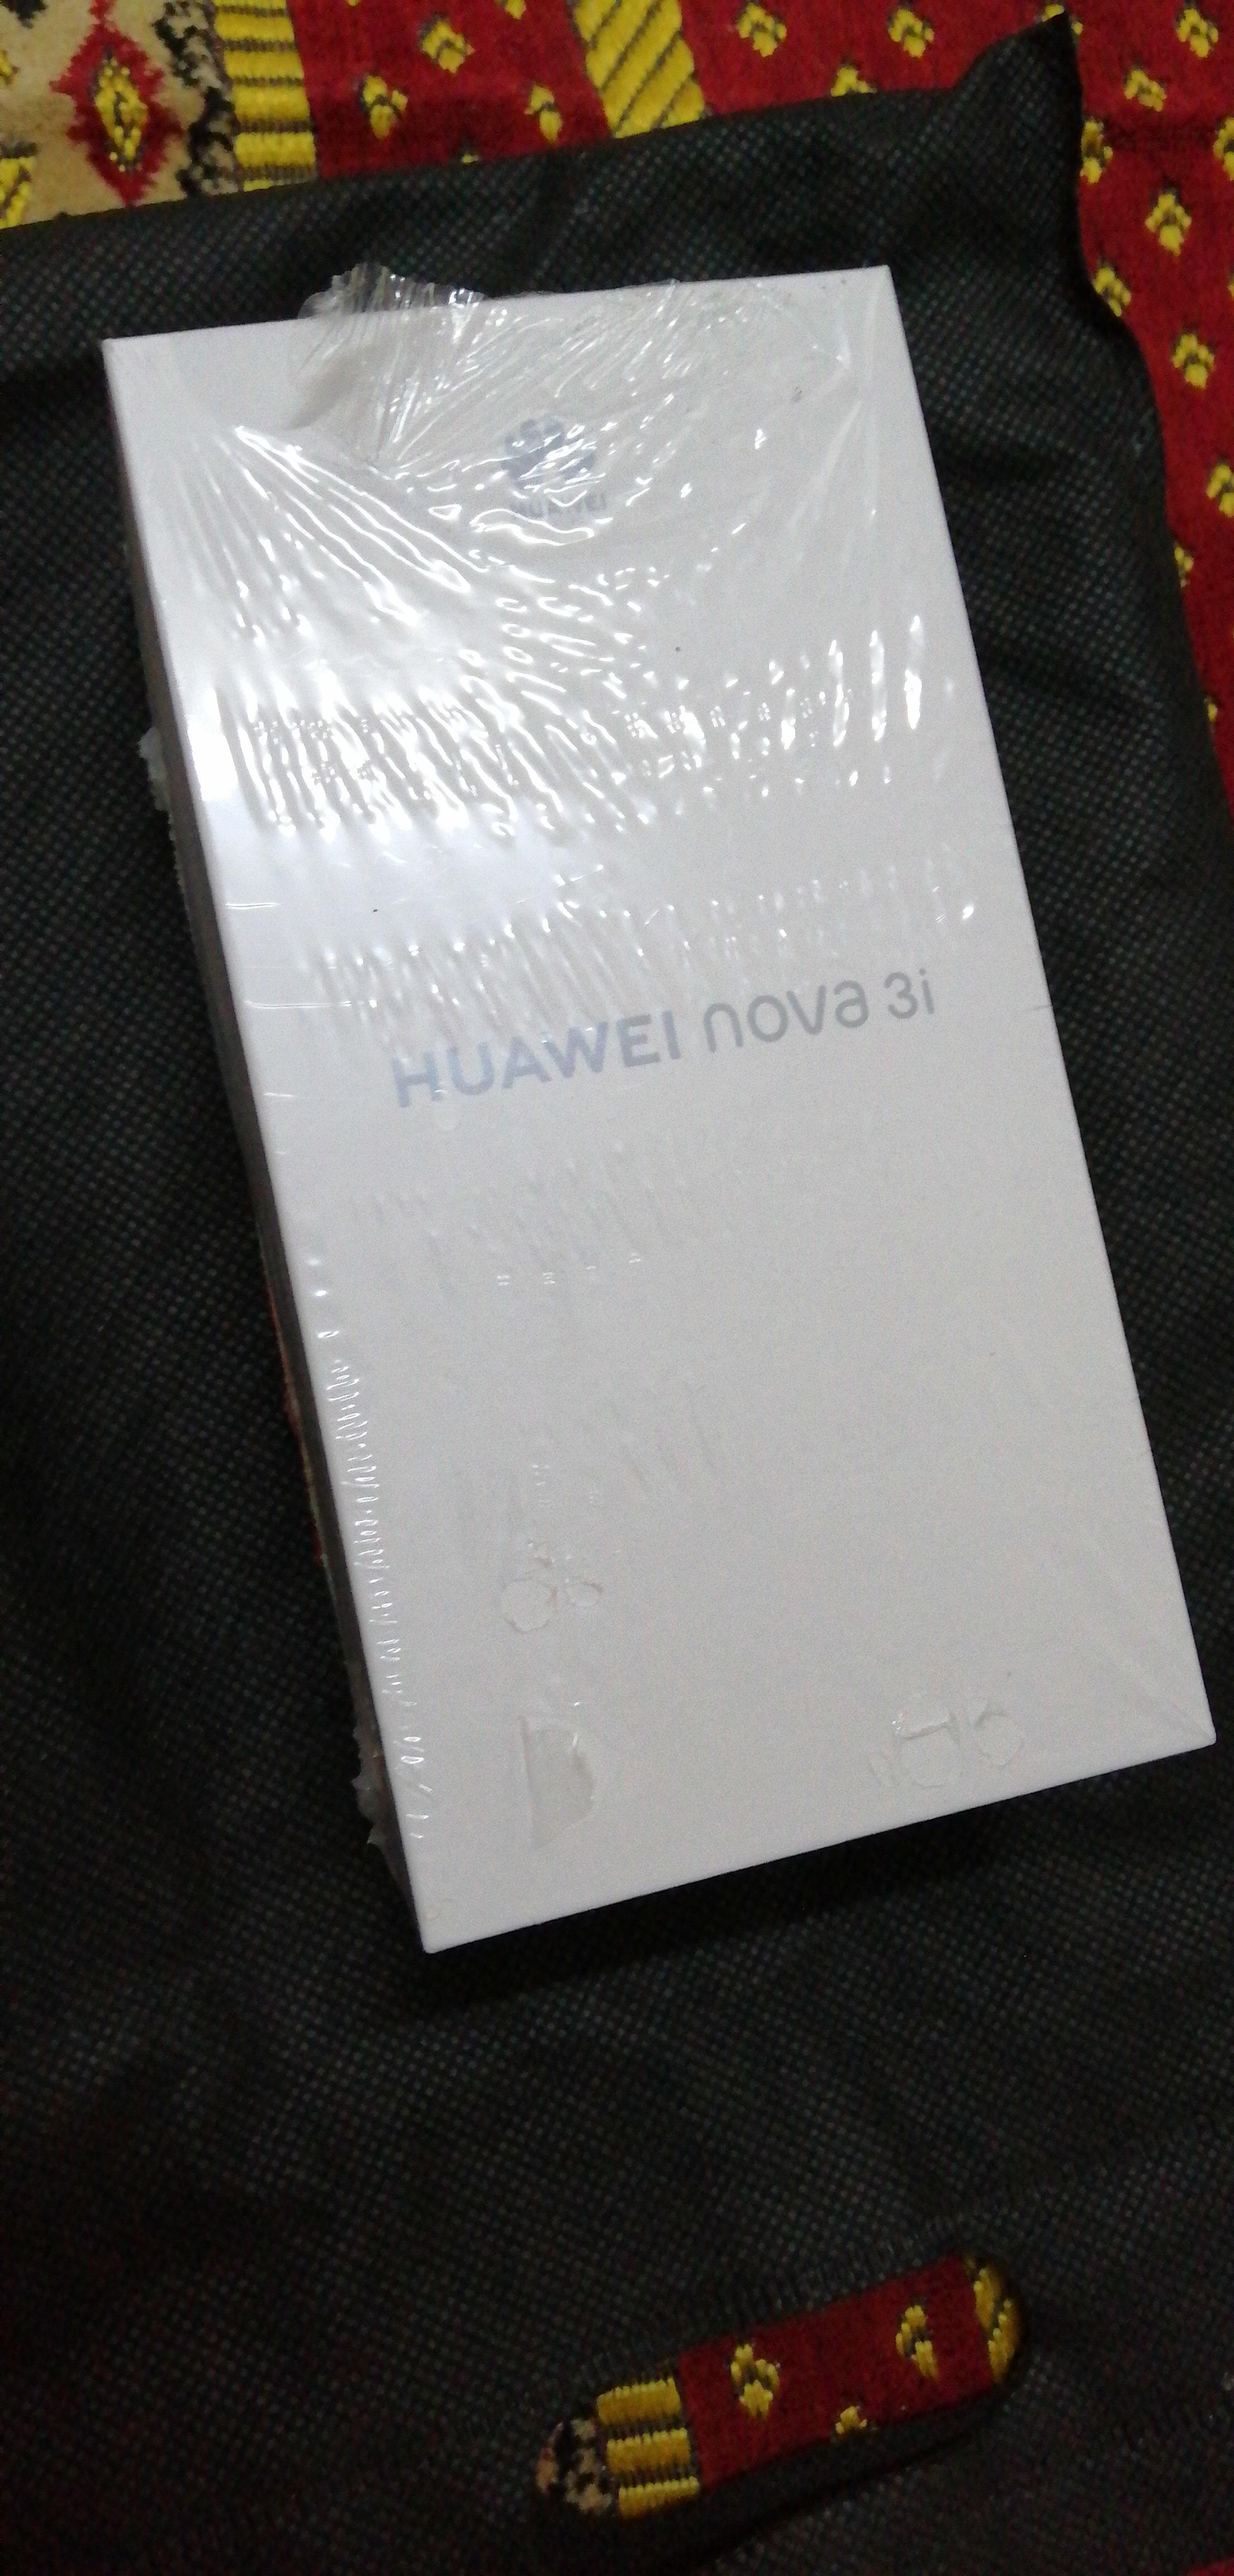 جوال هواوي نوفا 3i   تم البيع